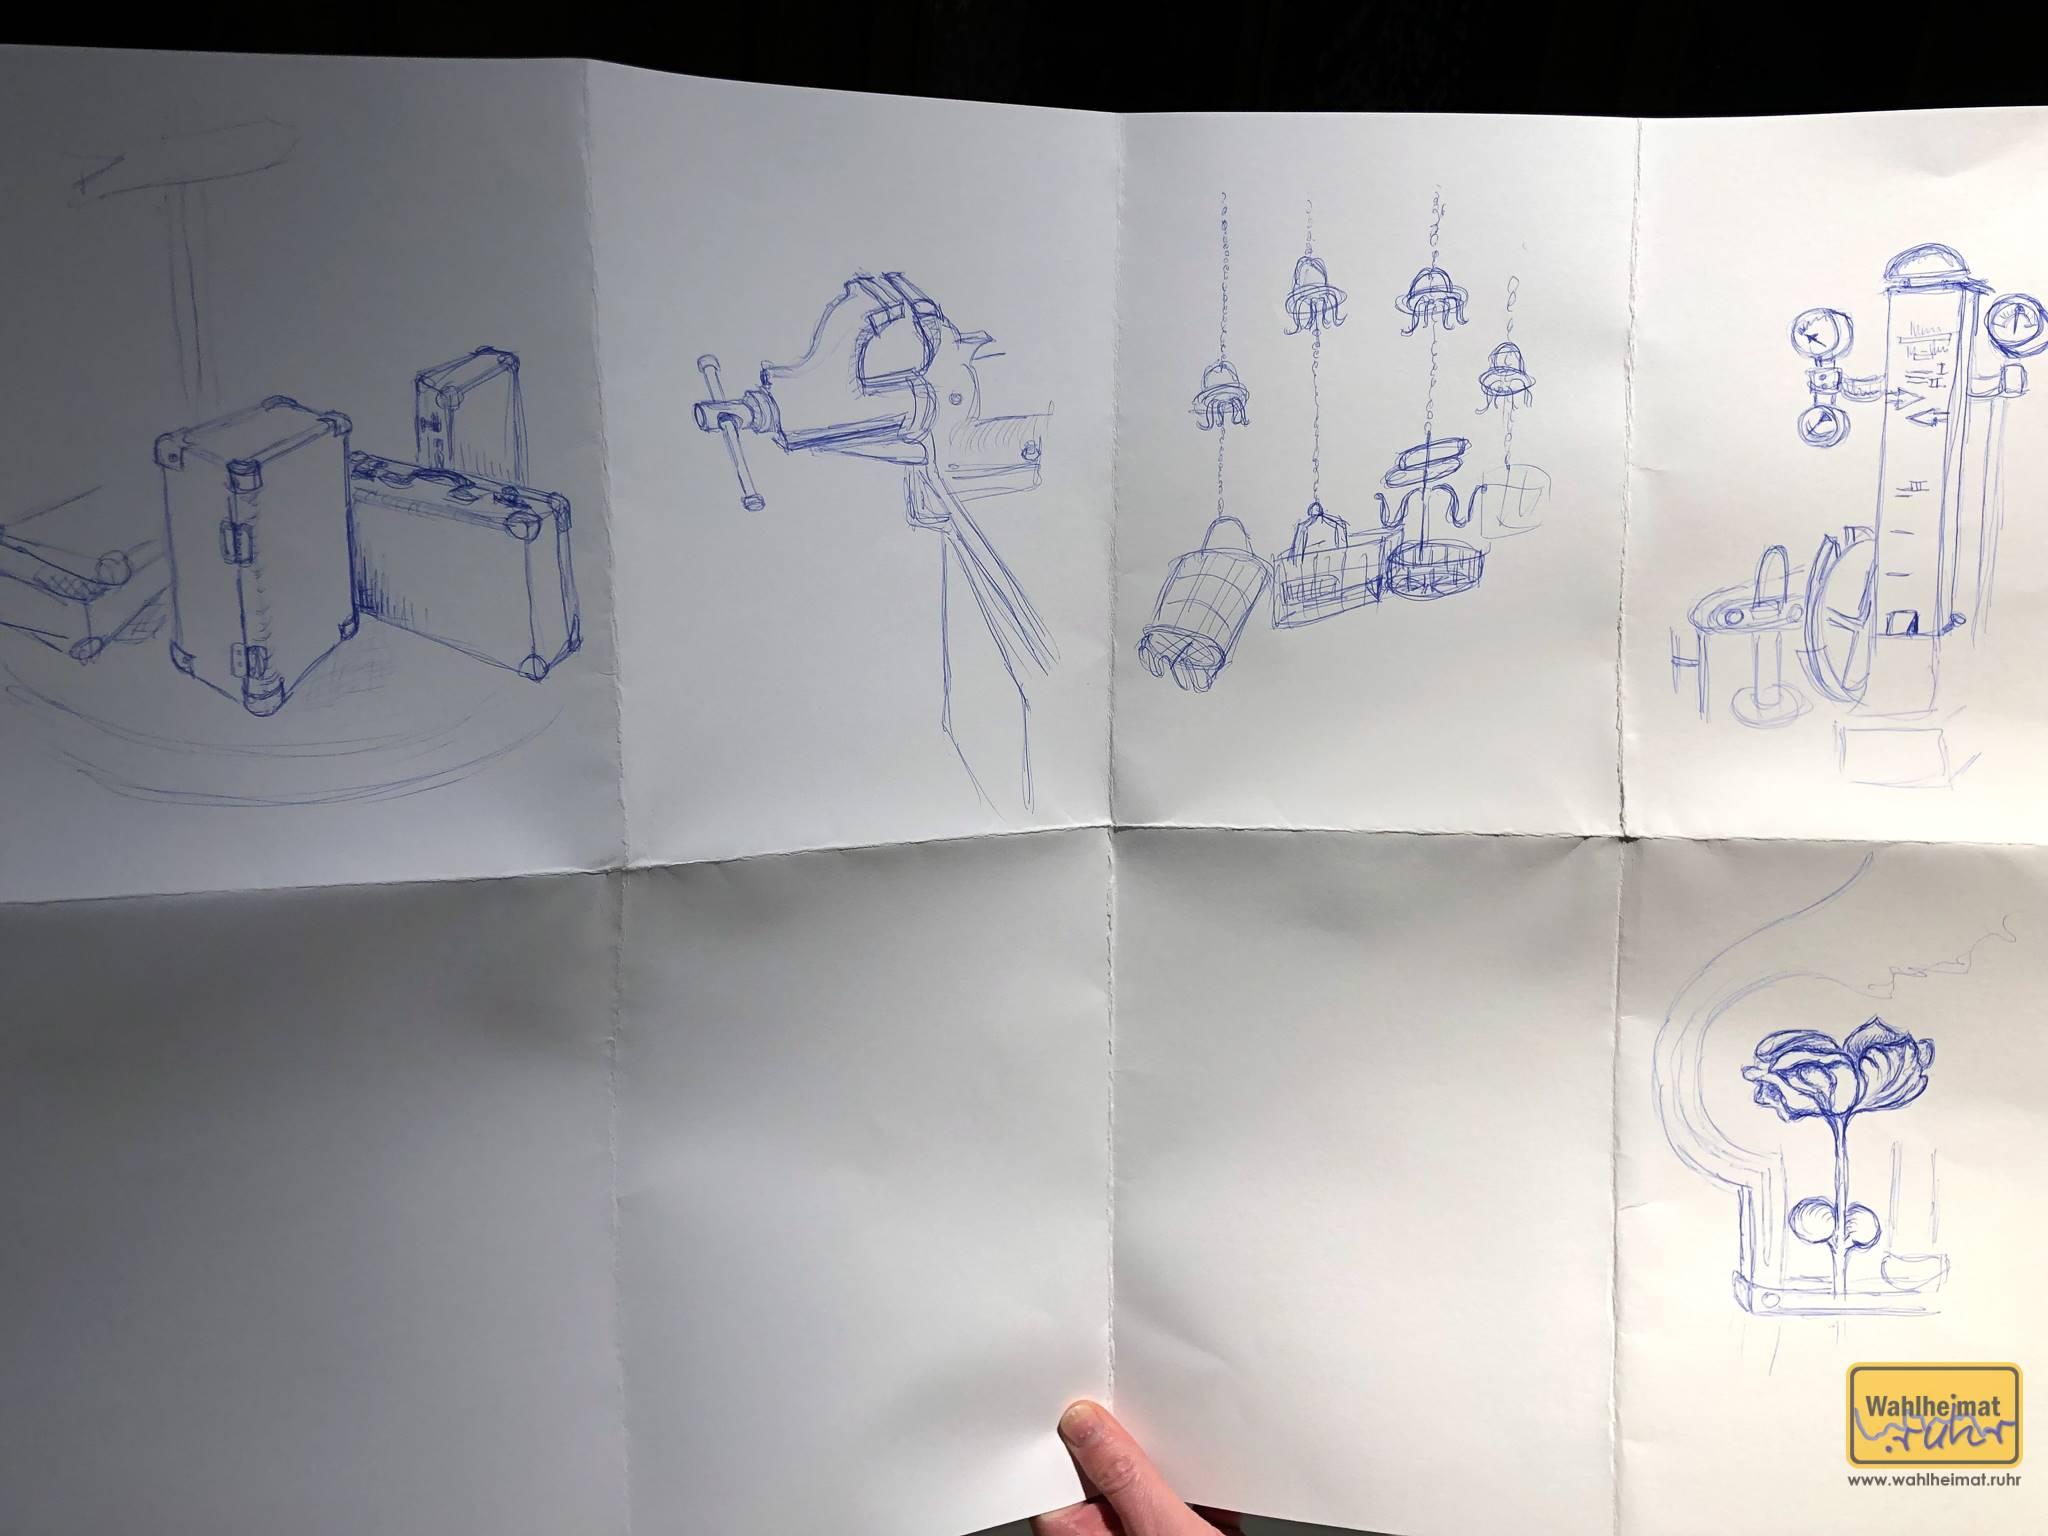 ...und das sind Bettinas gesammelte Kreationen. Sie kann toll zeichnen, oder?